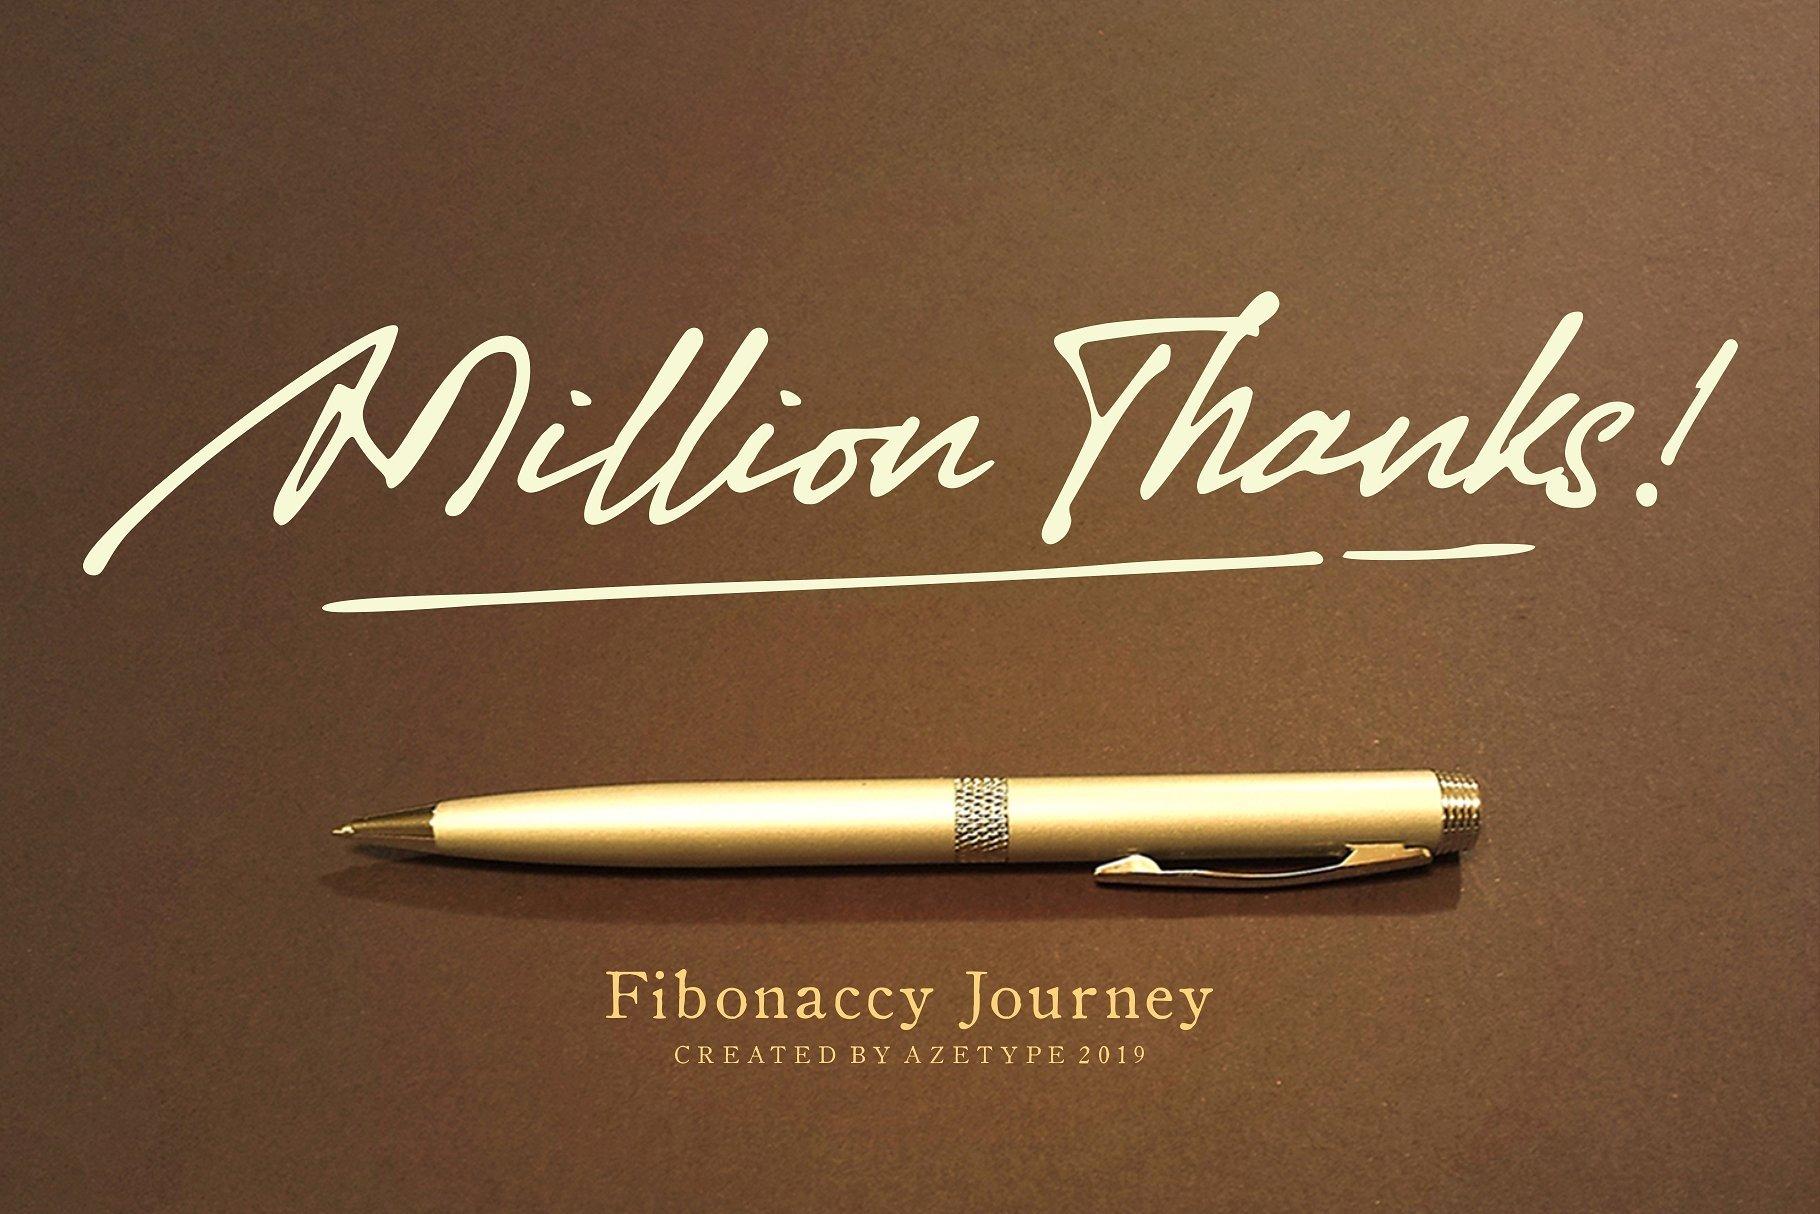 fibonaccy-journey-script-font